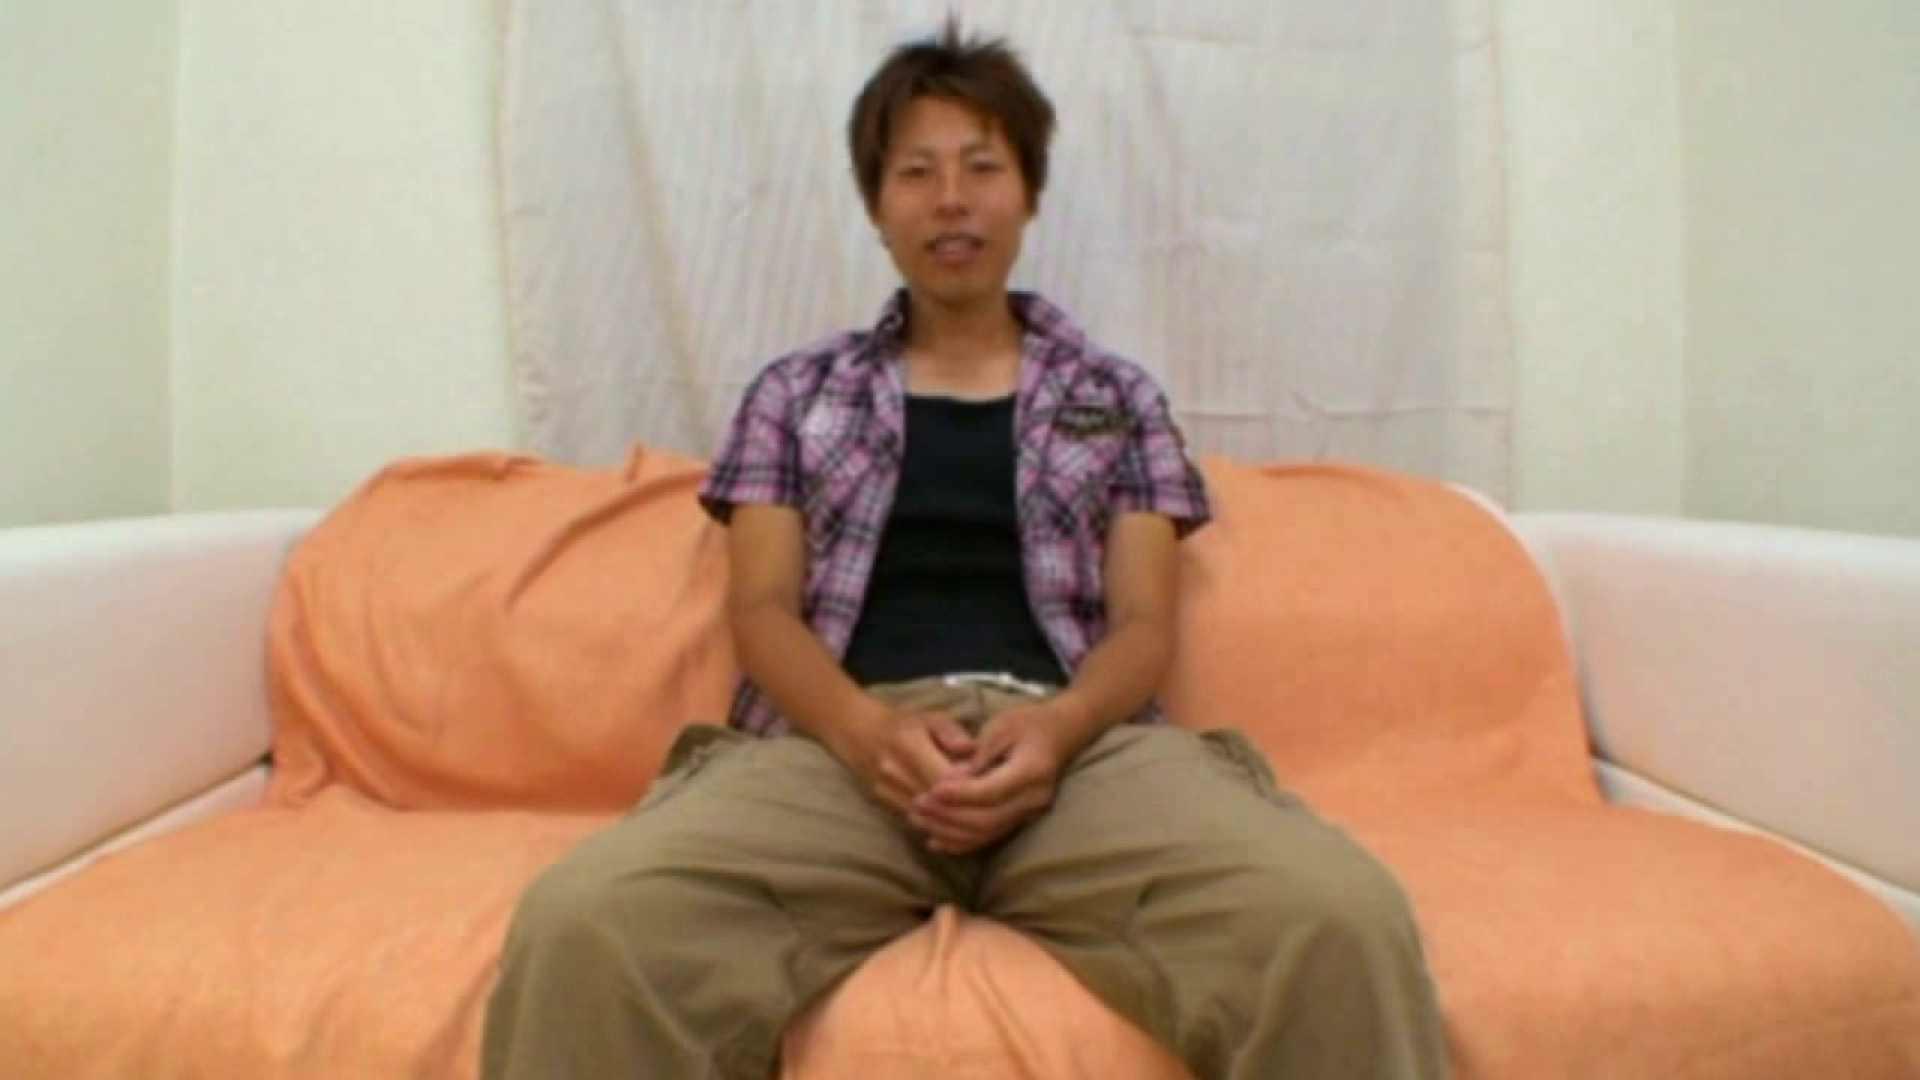 ノンケ!自慰スタジオ No.10 オナニー アダルトビデオ画像キャプチャ 113枚 62